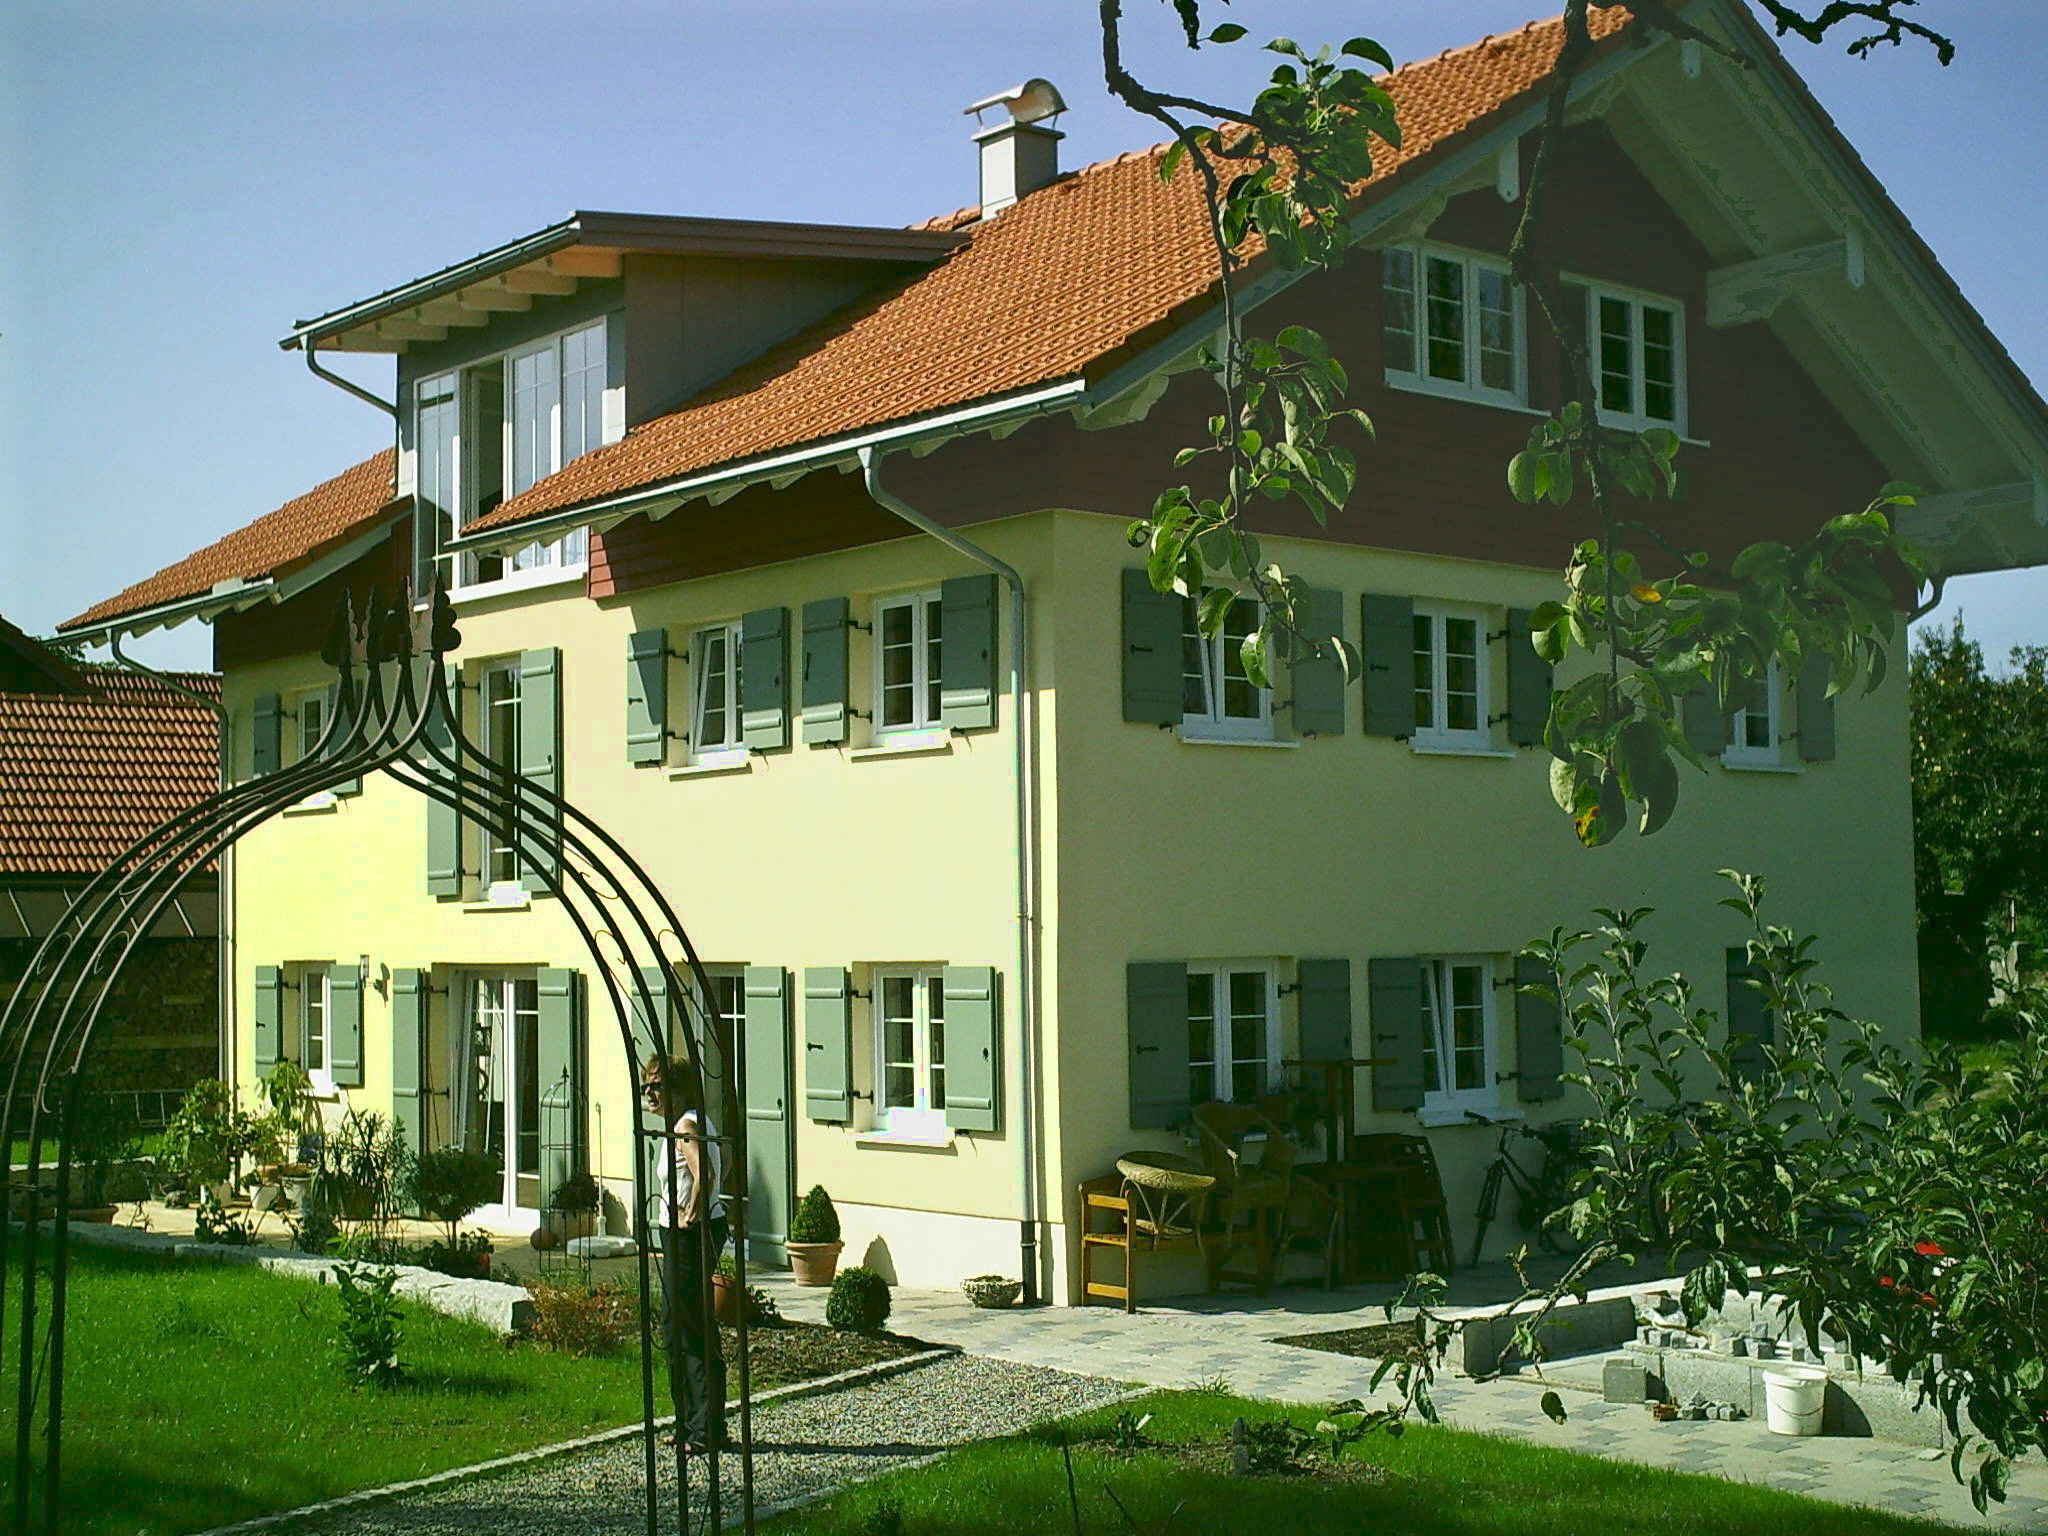 Fertigstellung, Umbau und energetische Sanierung MFH in Grünenbach